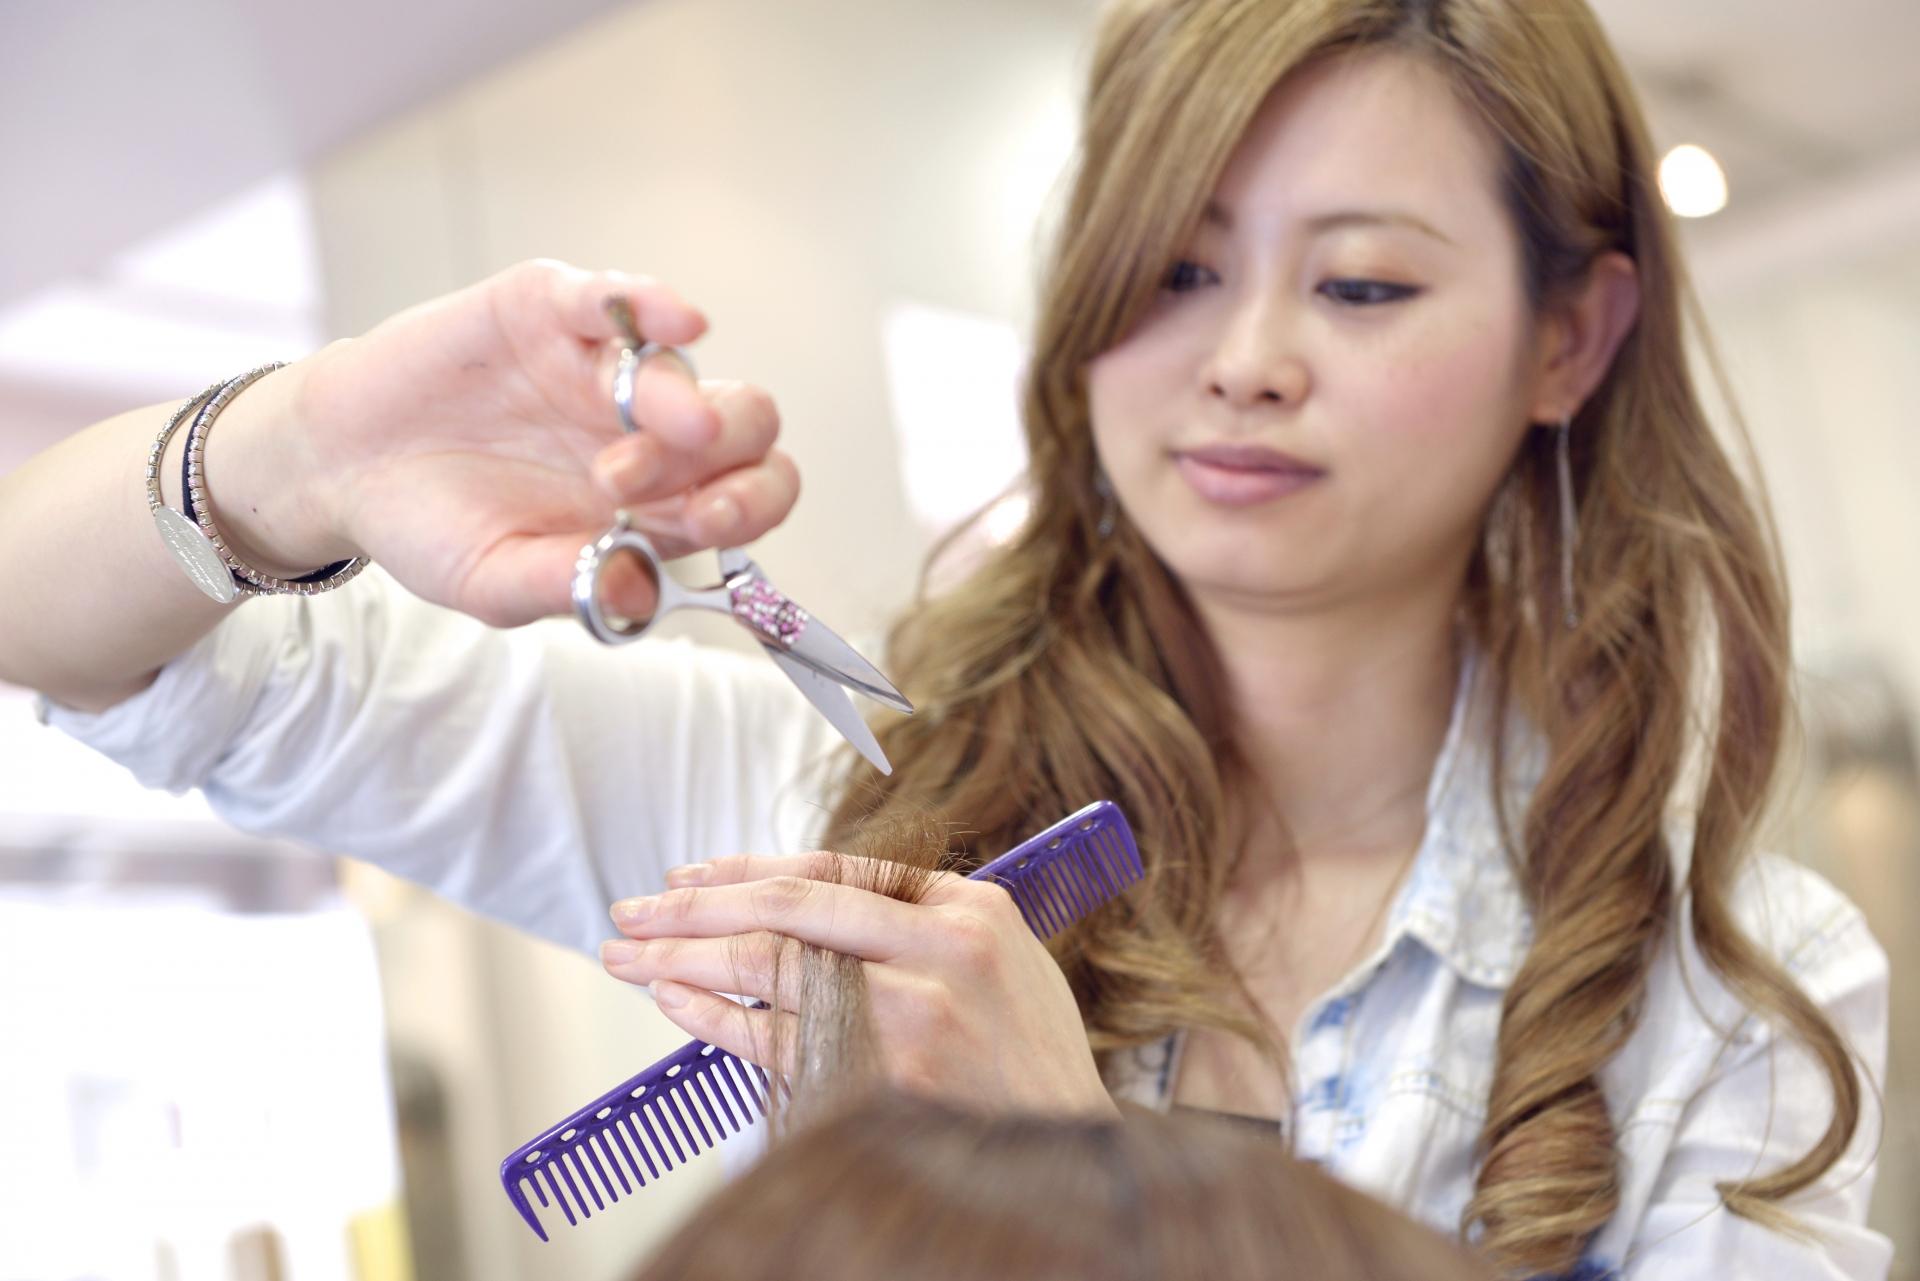 美容室・サロンの売上をたった1ヶ月で数十万円アップさせる裏技を公開